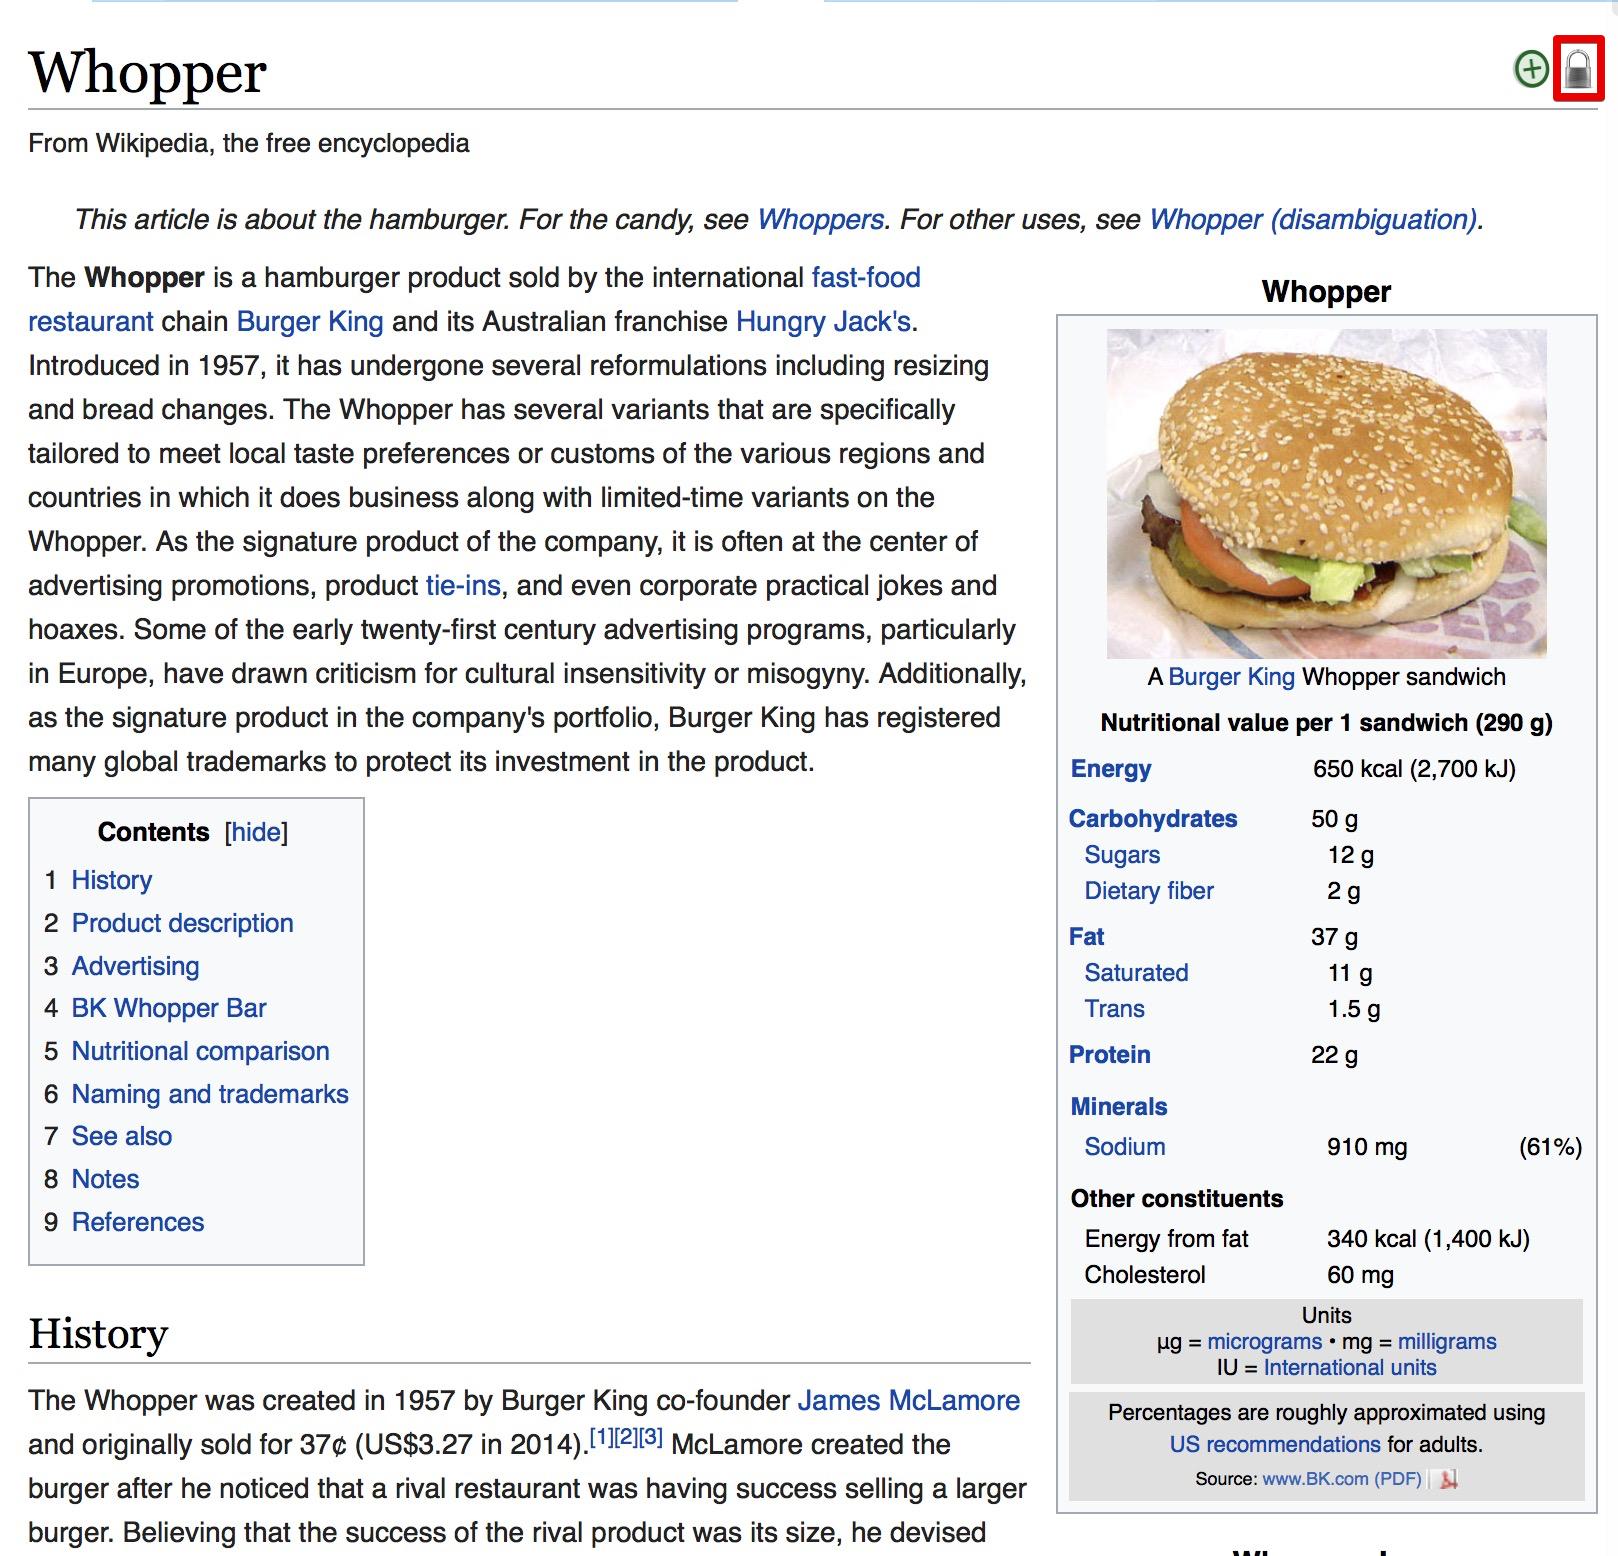 위키백과는 결국 글을 잠가버려야 했다.